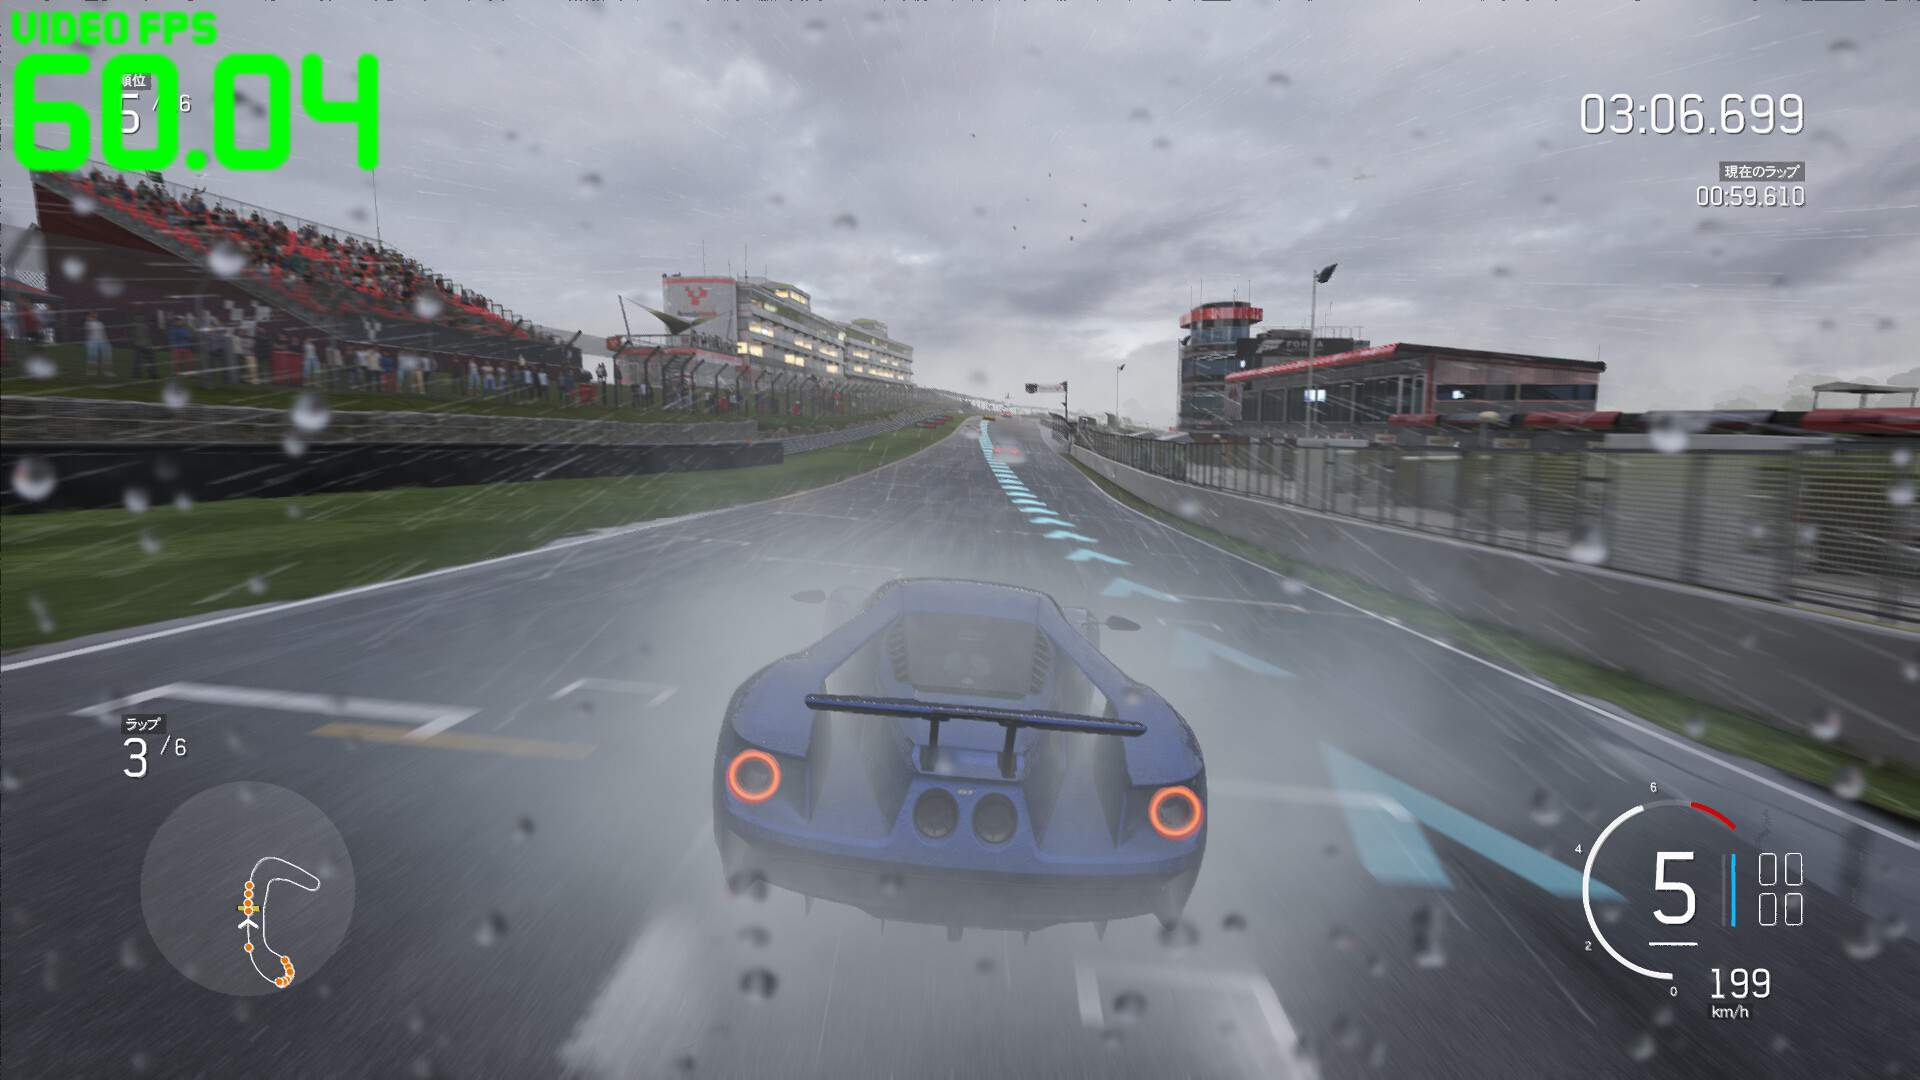 高設定の場合、雨天コースだと一瞬カクつくこともあるが、ほぼ常時60fpsでプレイ可能